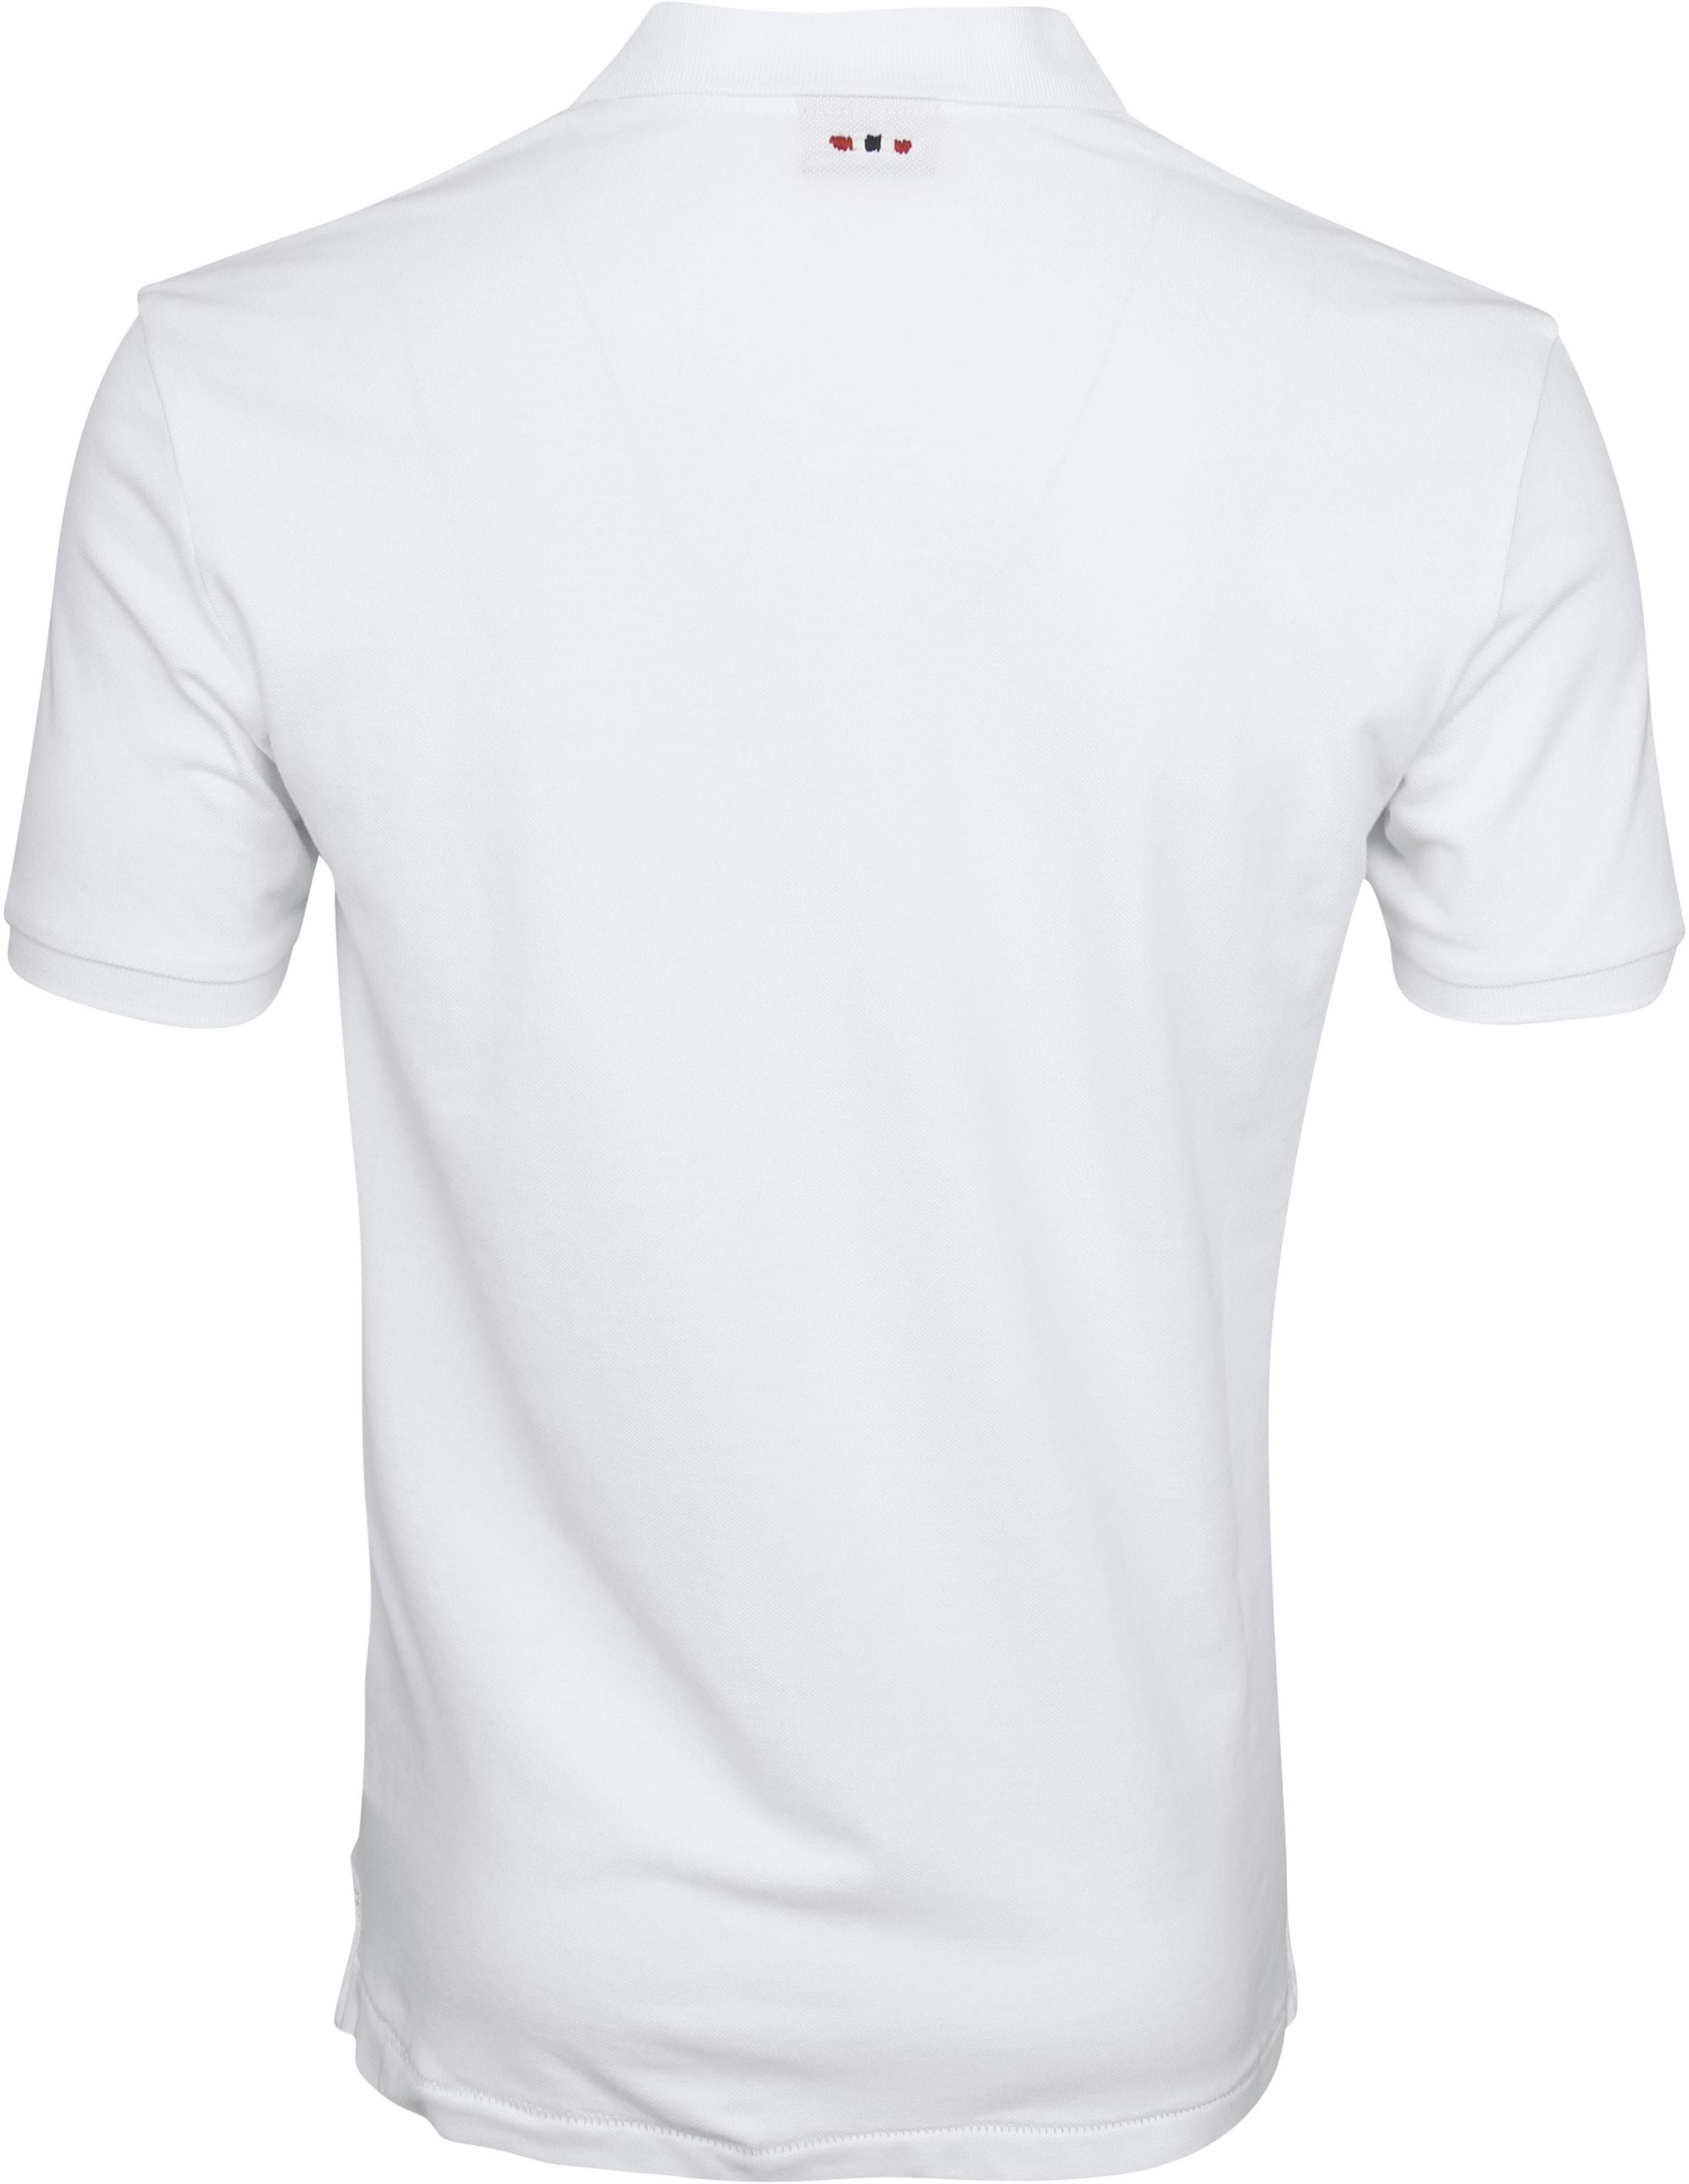 Napapijri Poloshirt Elbas 2 Weiß foto 3